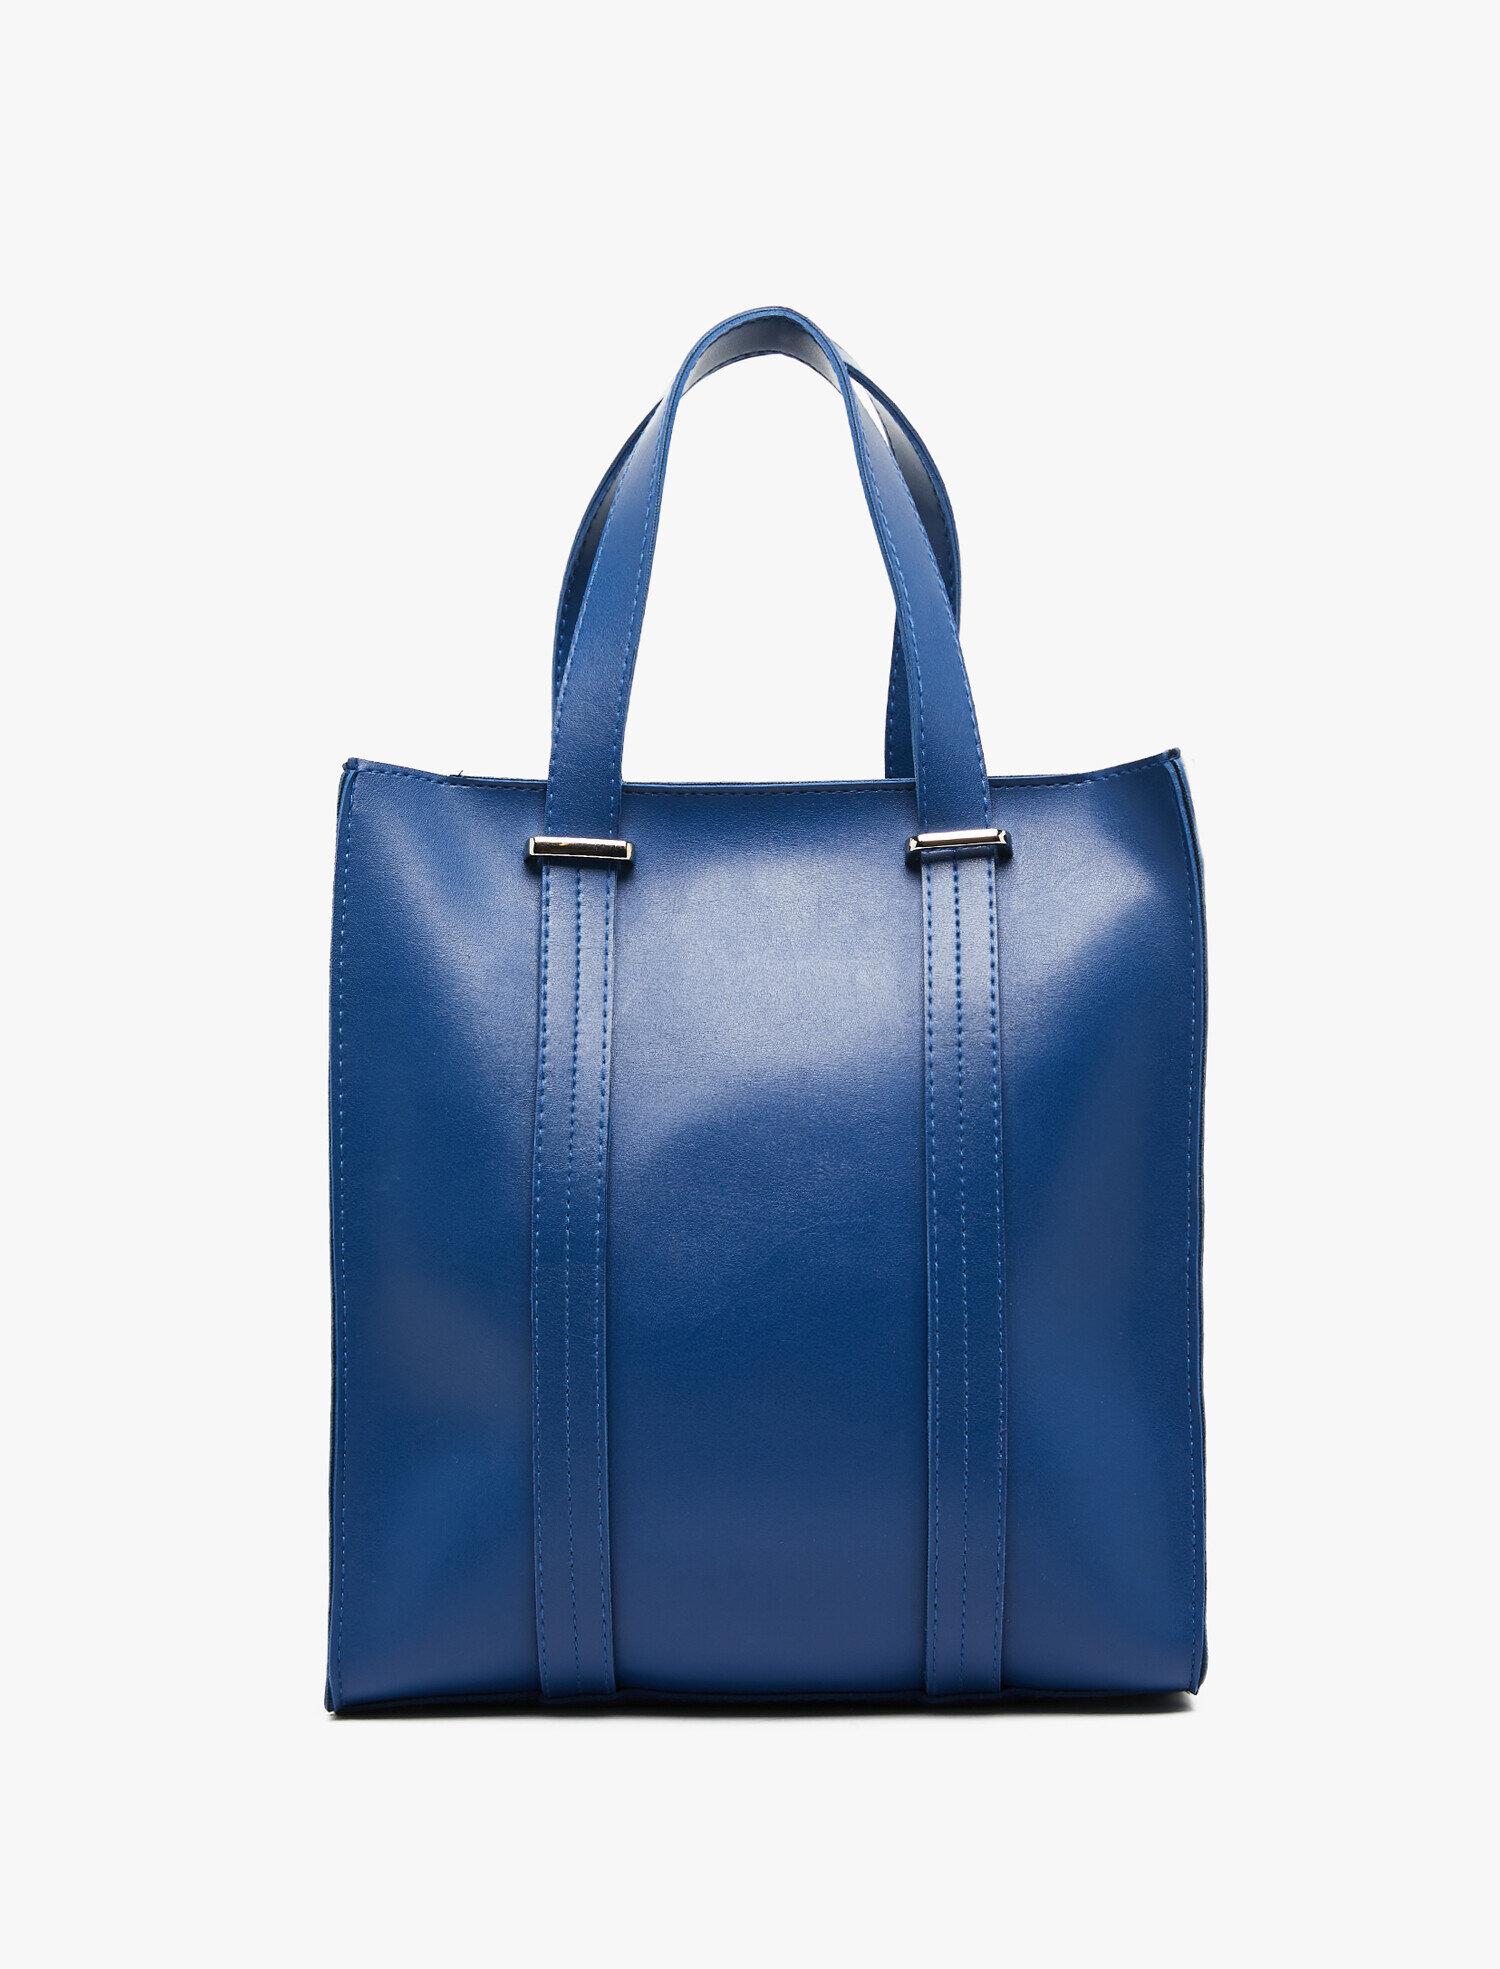 Koton Kadın Deri Görünümlü Kol Çantasi Mavi Ürün Resmi